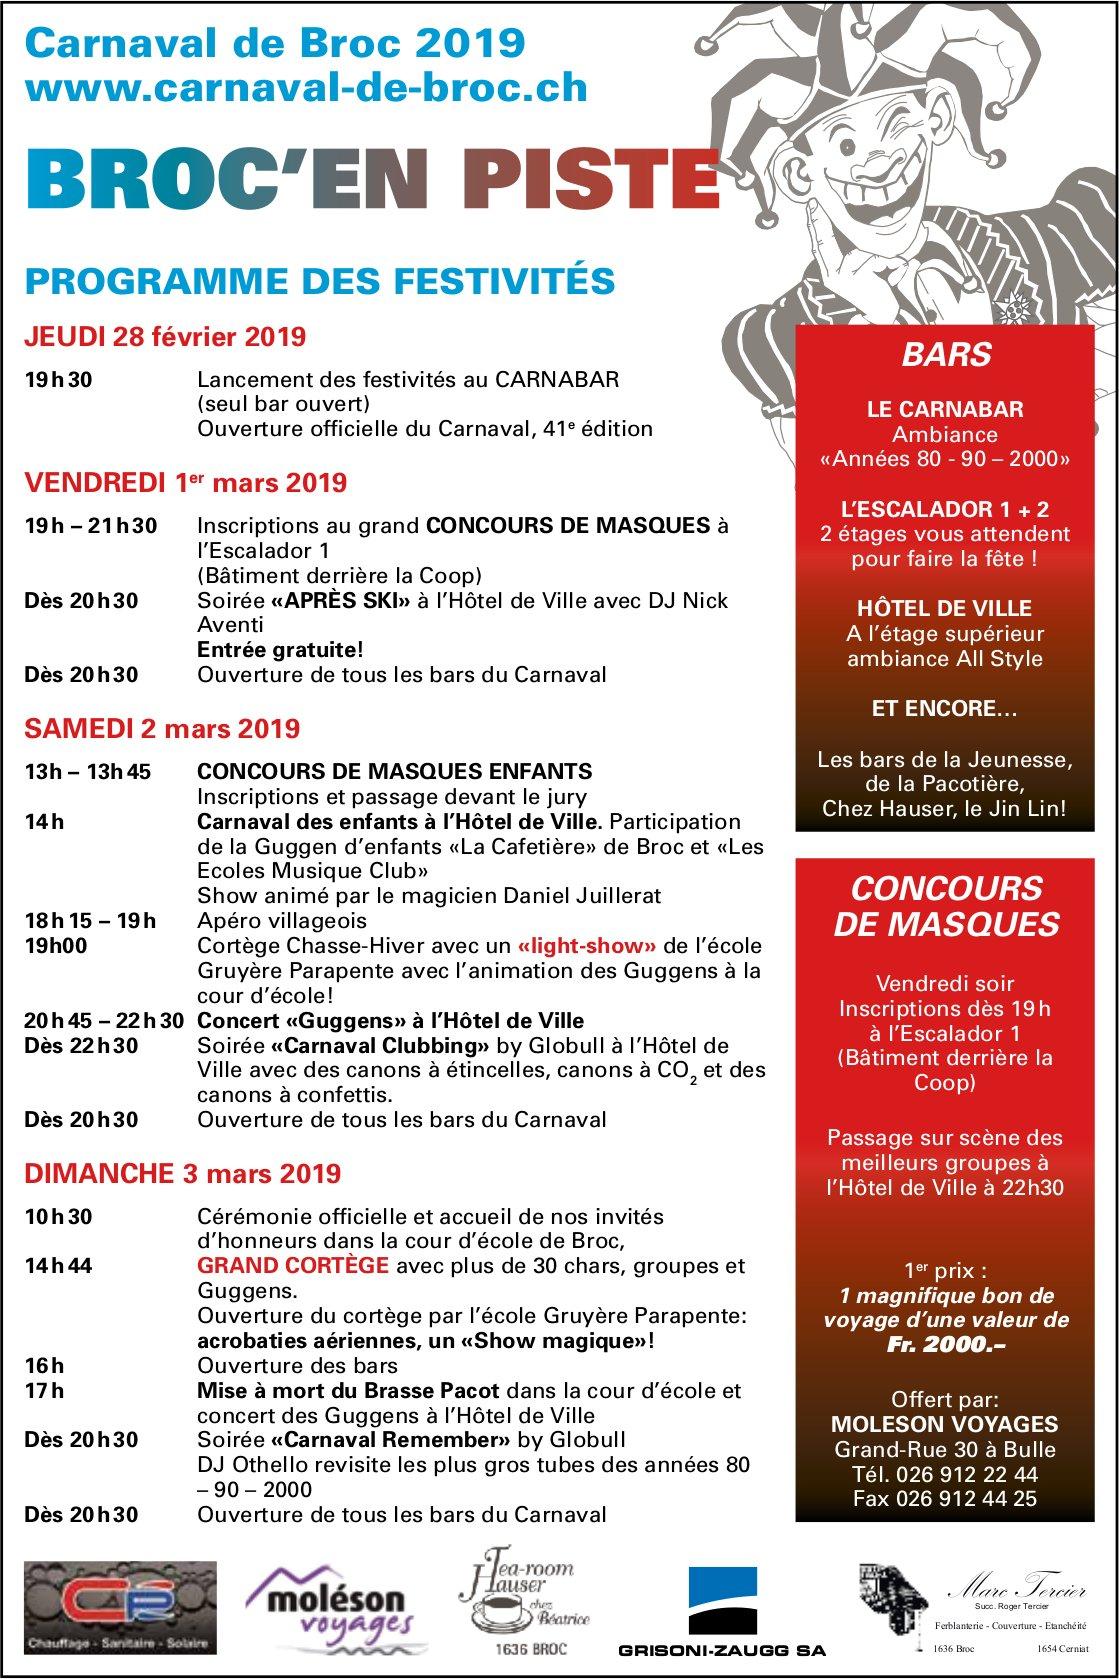 BROC'EN PISTE, 28 février au 3 mars, Carnaval de Broc